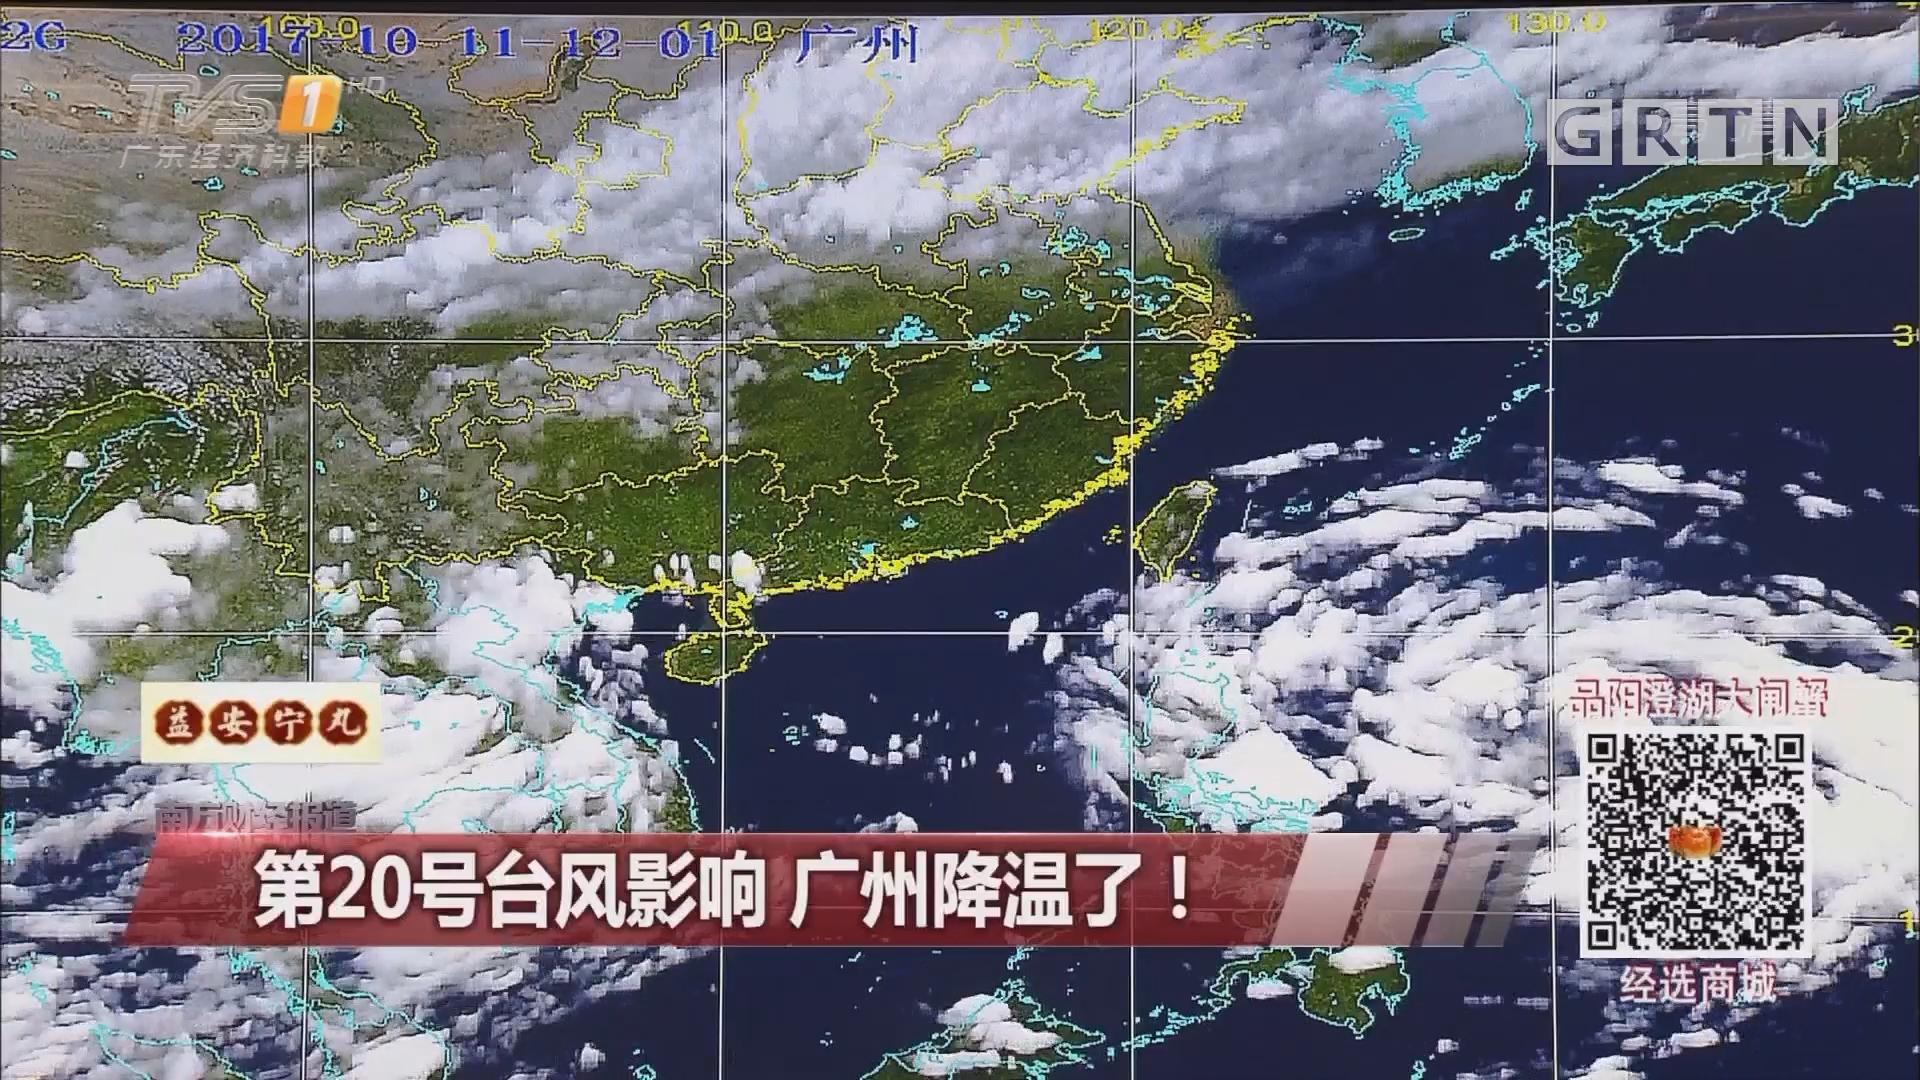 第20号台风影响 广州降温了!